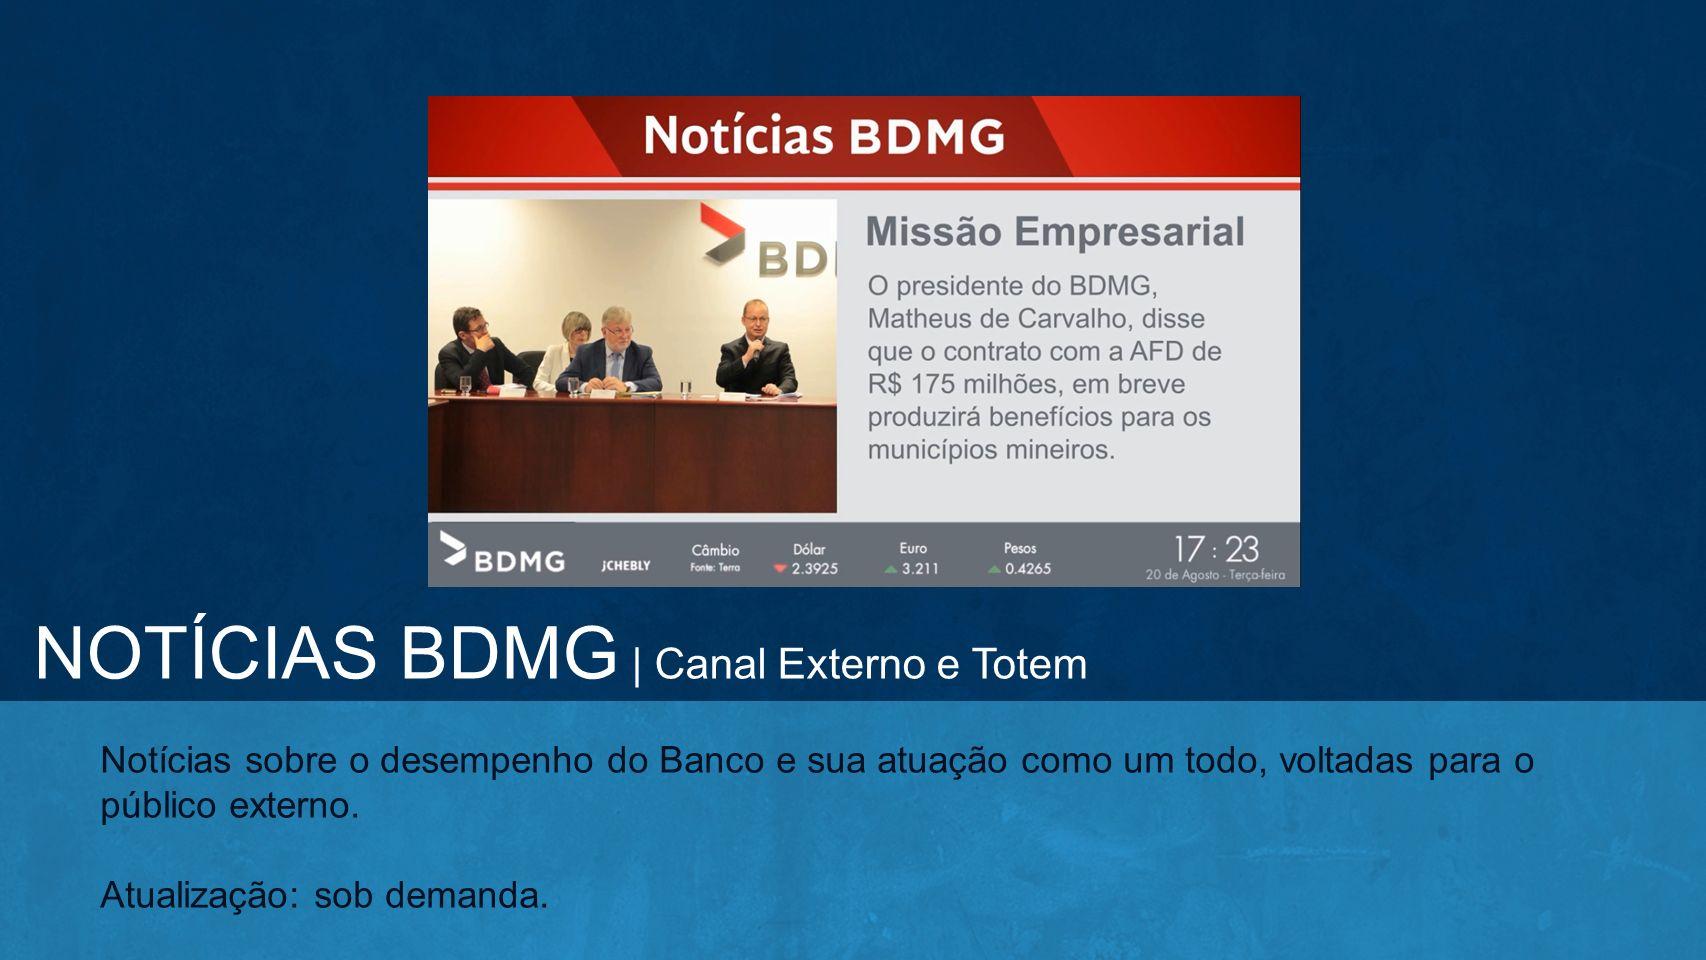 Notícias sobre o desempenho do Banco e sua atuação como um todo, voltadas para o público externo. Atualização: sob demanda. NOTÍCIAS BDMG | Canal Exte